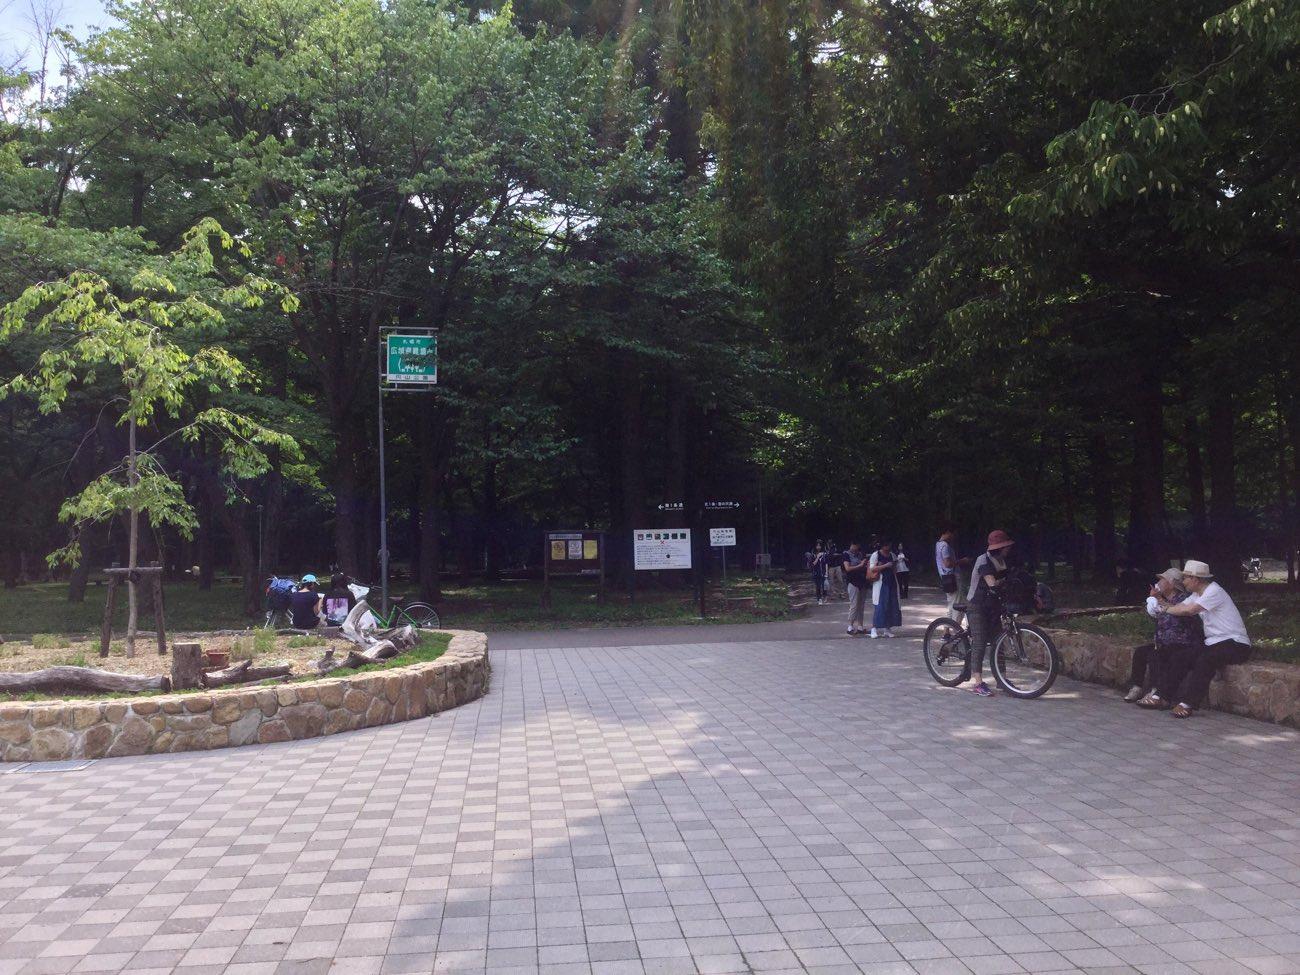 円山公園の入り口付近